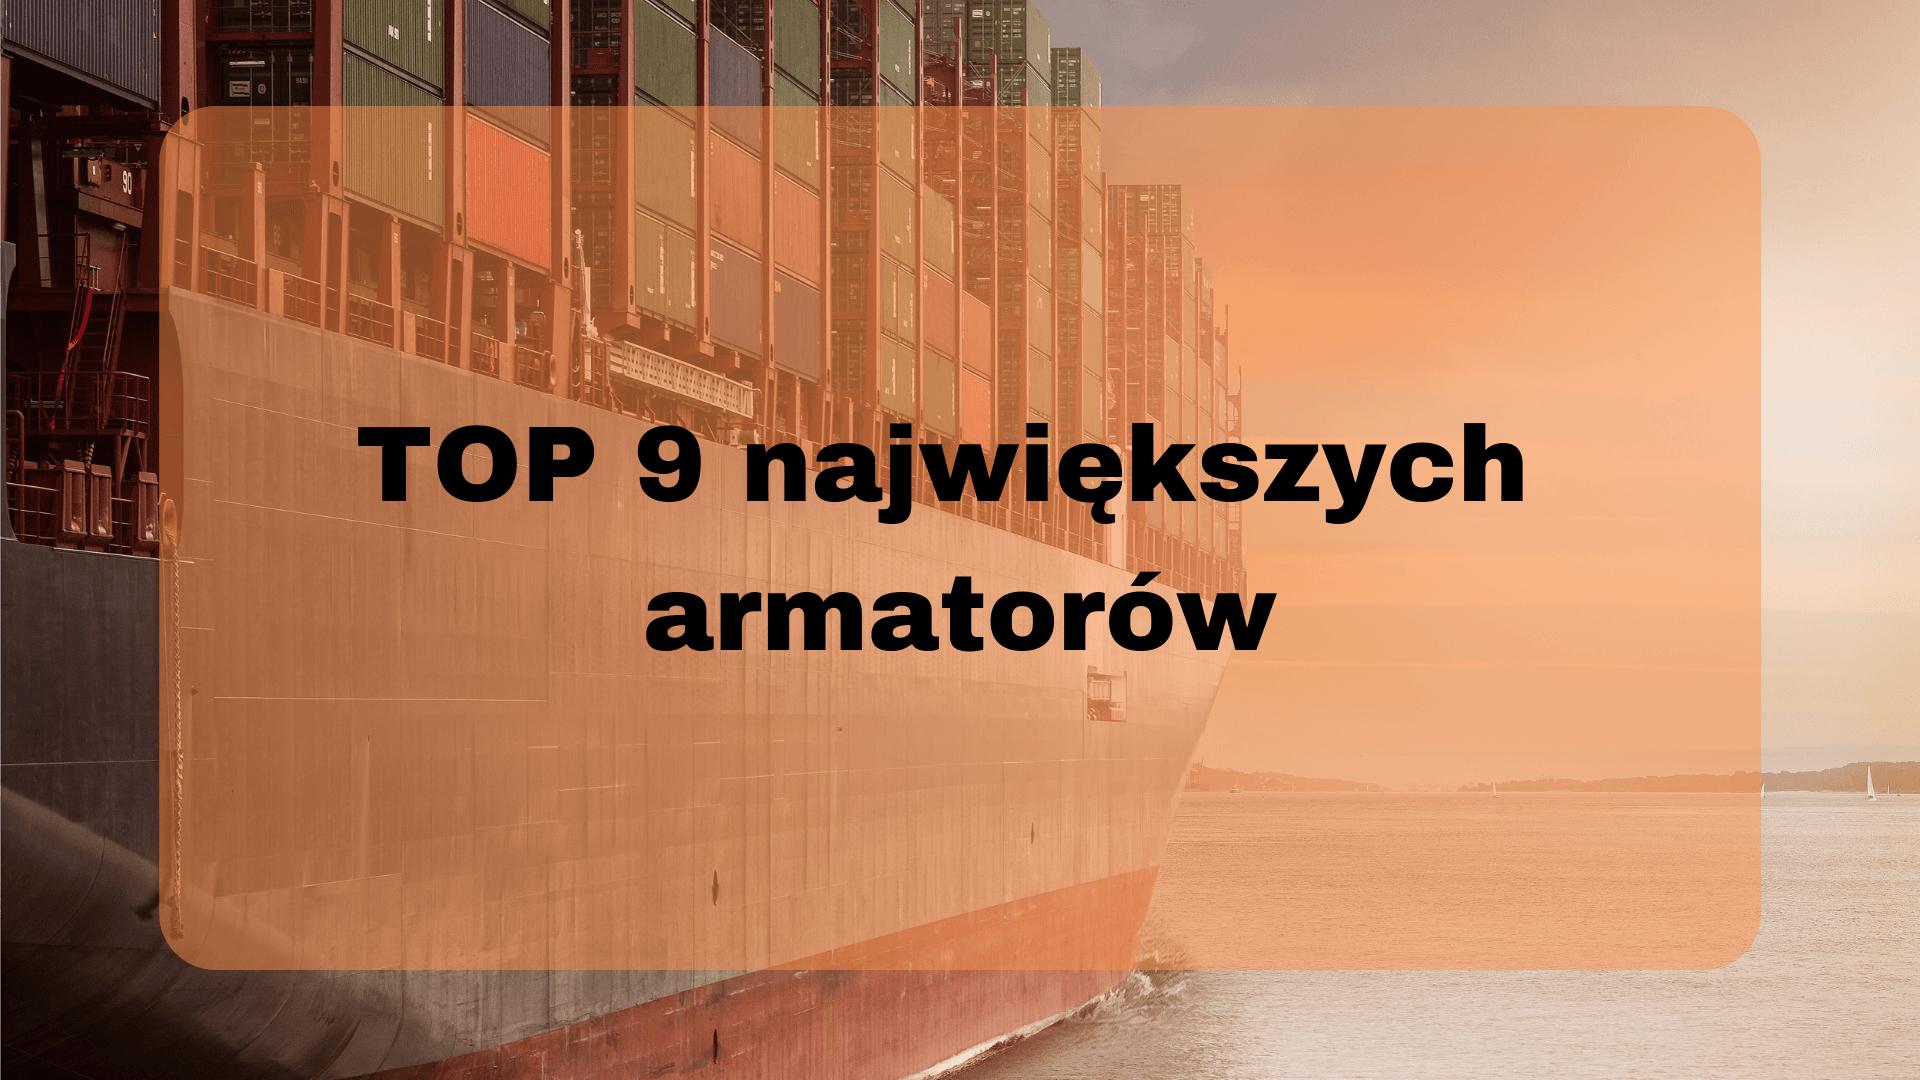 top 9 największych armatorów